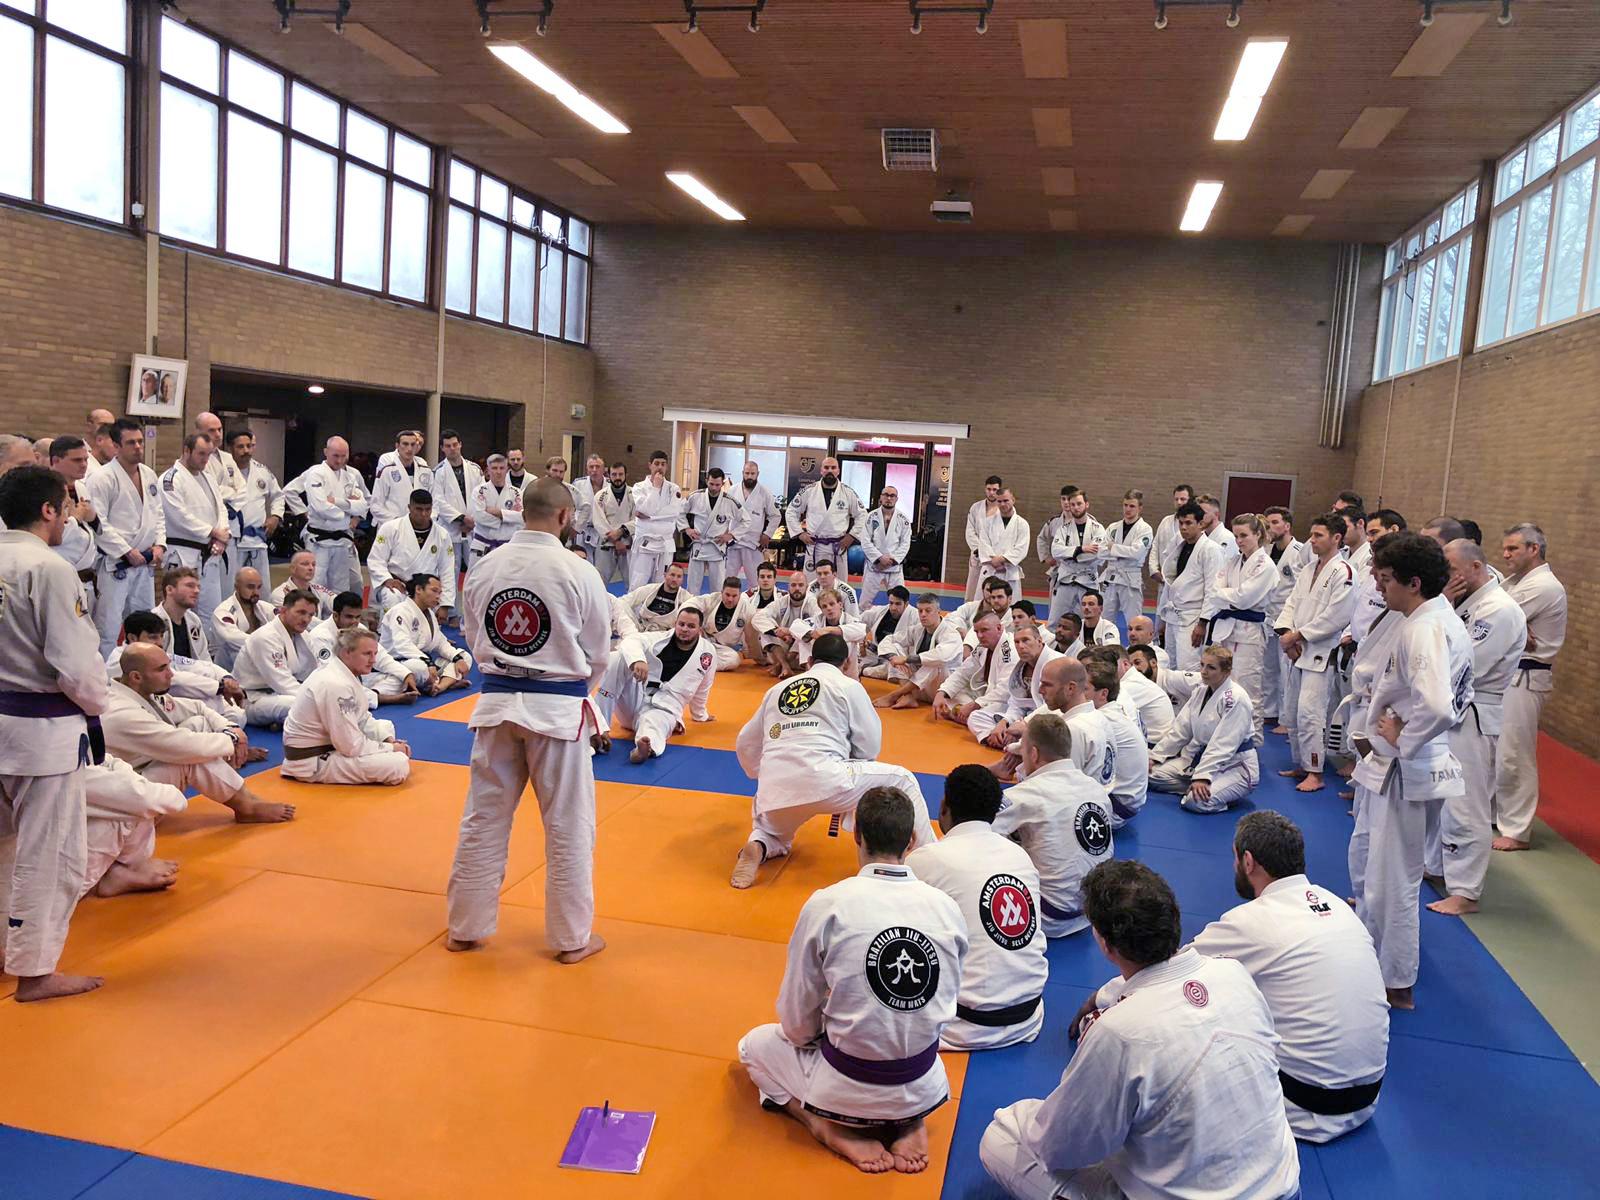 saulo-ribeiro_seminar_egjjf_gracie-jiu-jitsu-gouda_bjj-braziliaans-jiu-jitsu-zelfverdediging_selfdefense-16